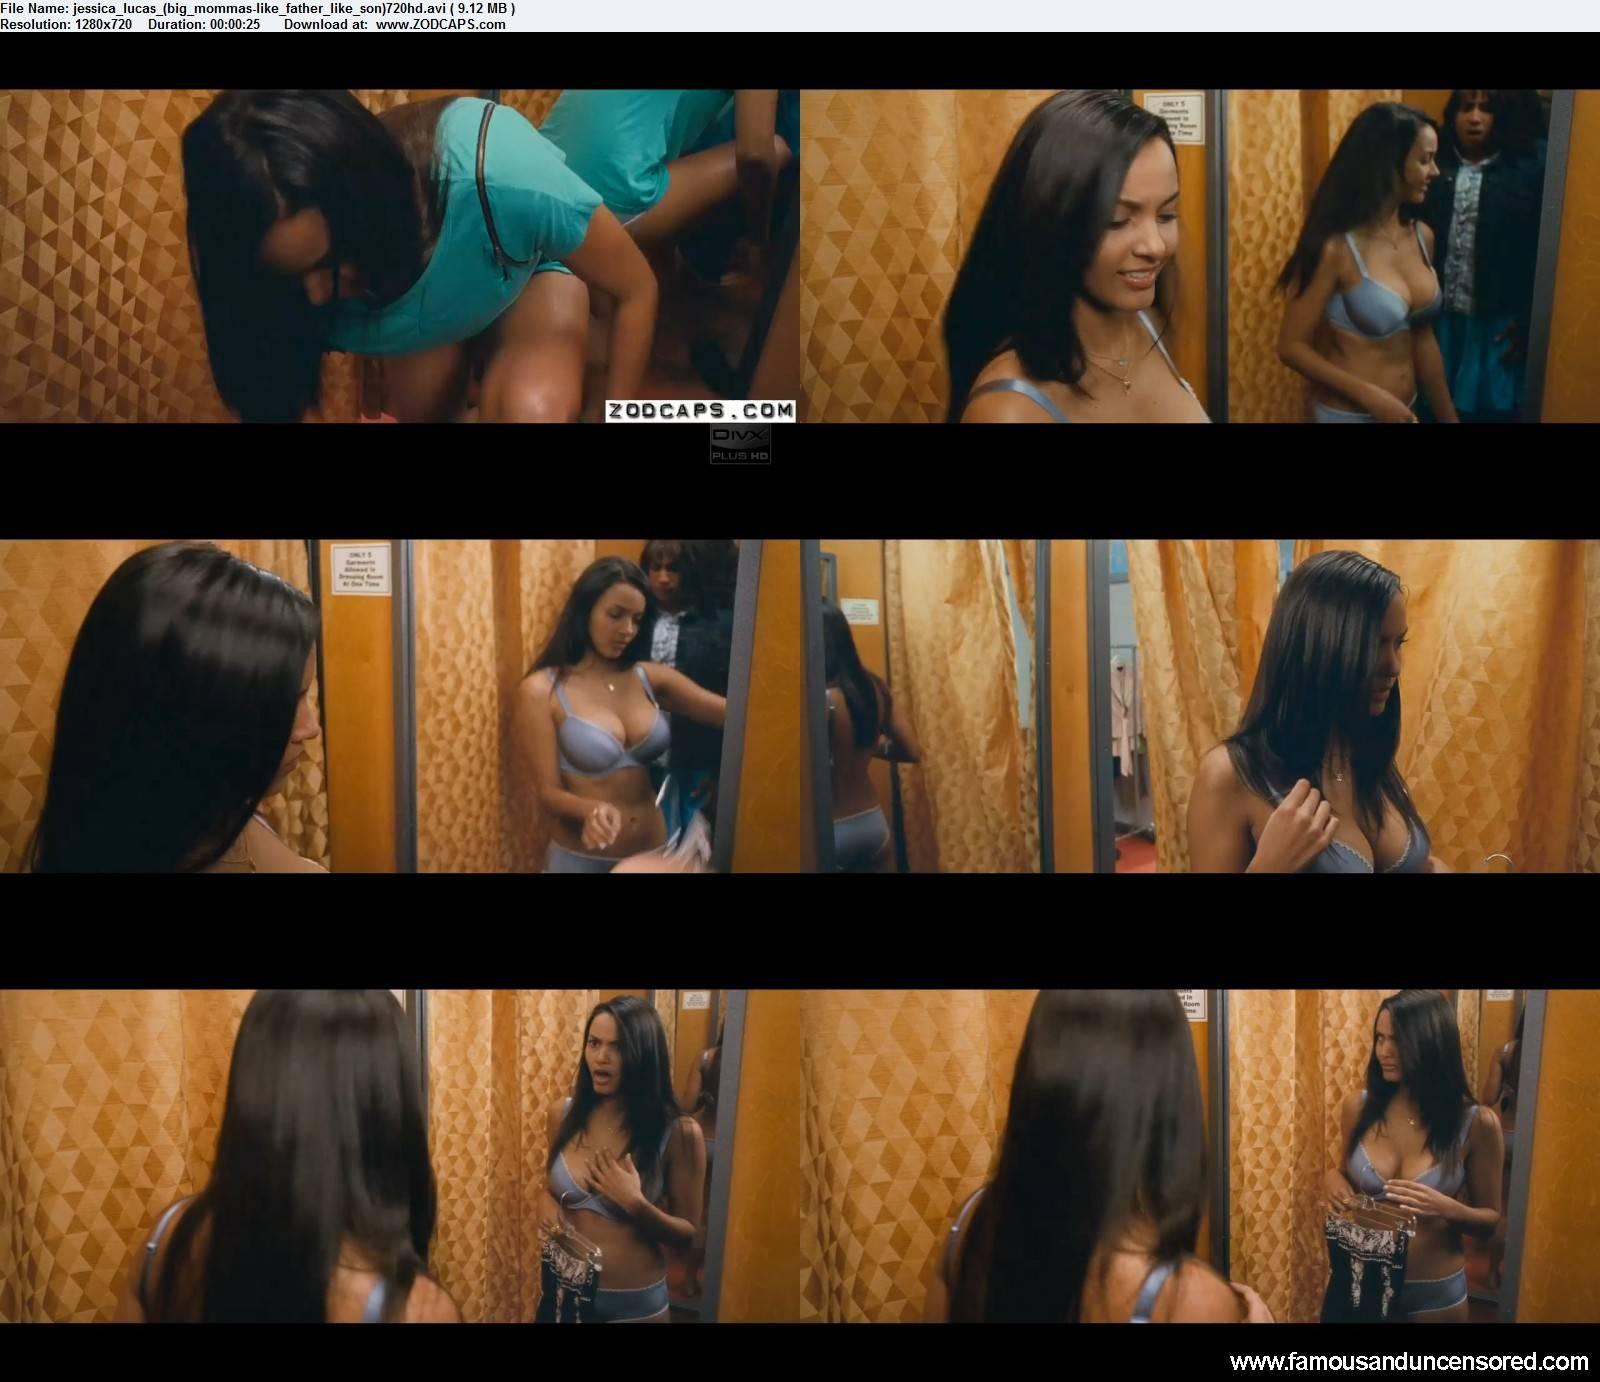 Jessica lucas porn pics — 6